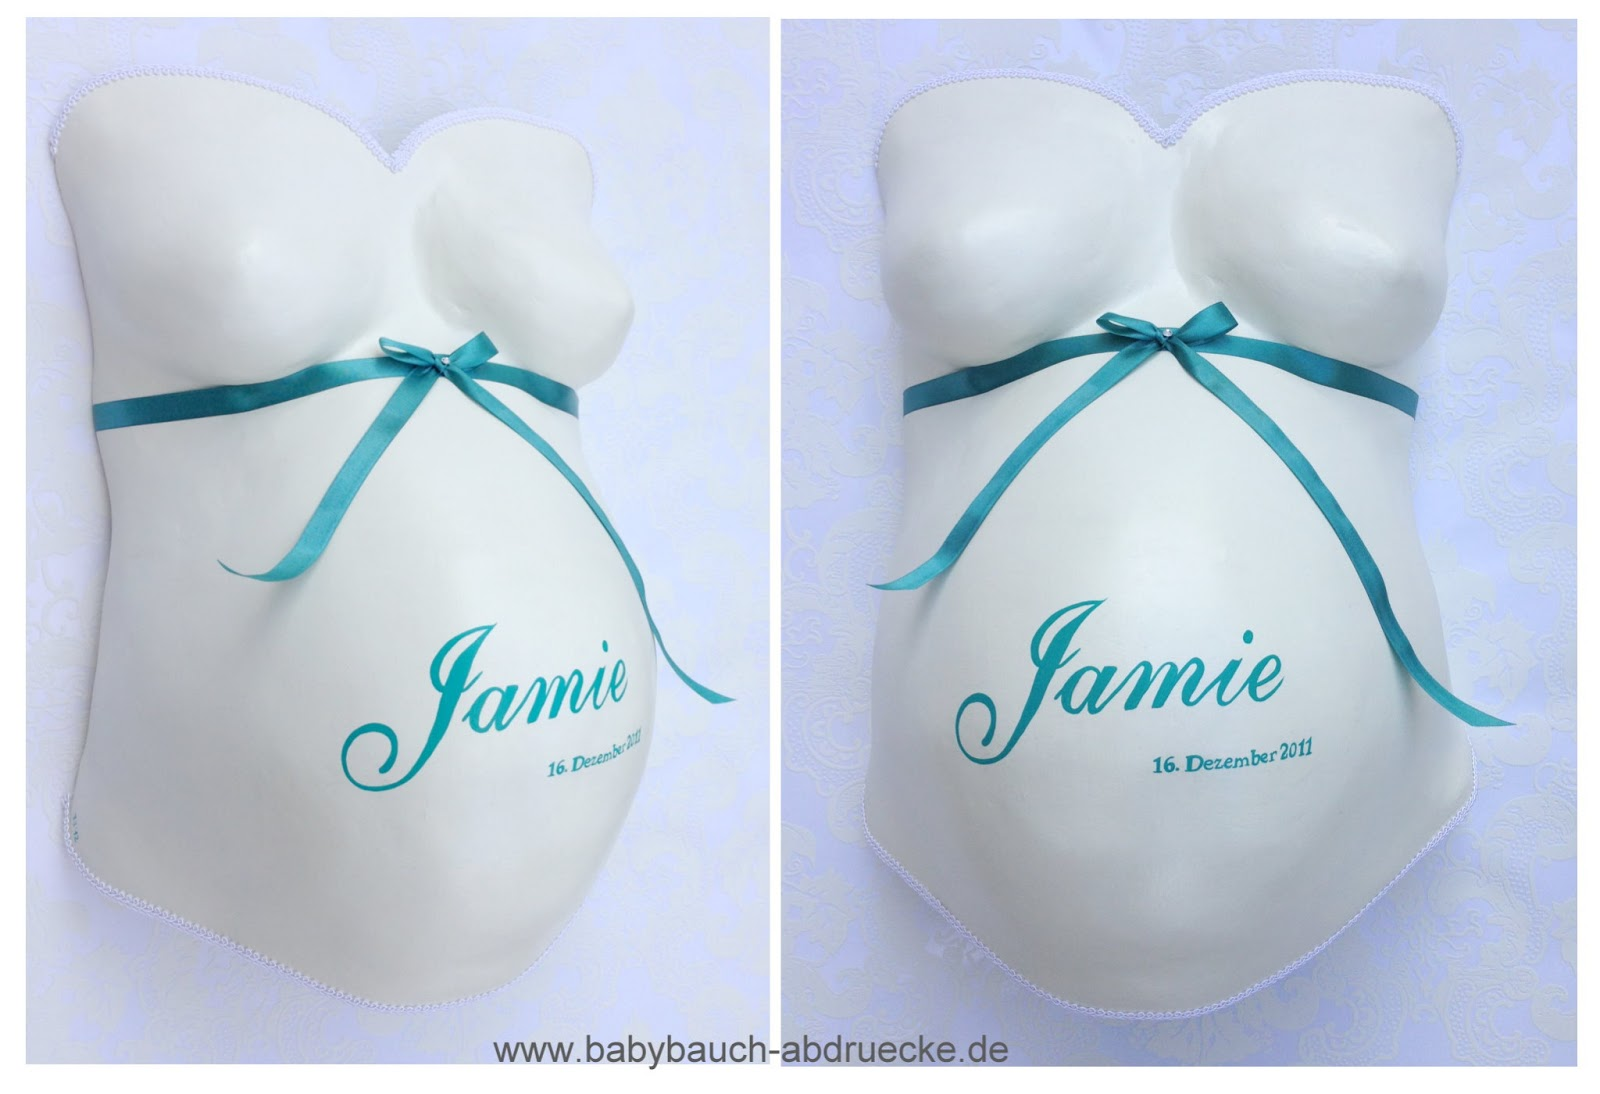 schwangerschaft baby erinnerungen schaffen und schenken 2013 03 24. Black Bedroom Furniture Sets. Home Design Ideas